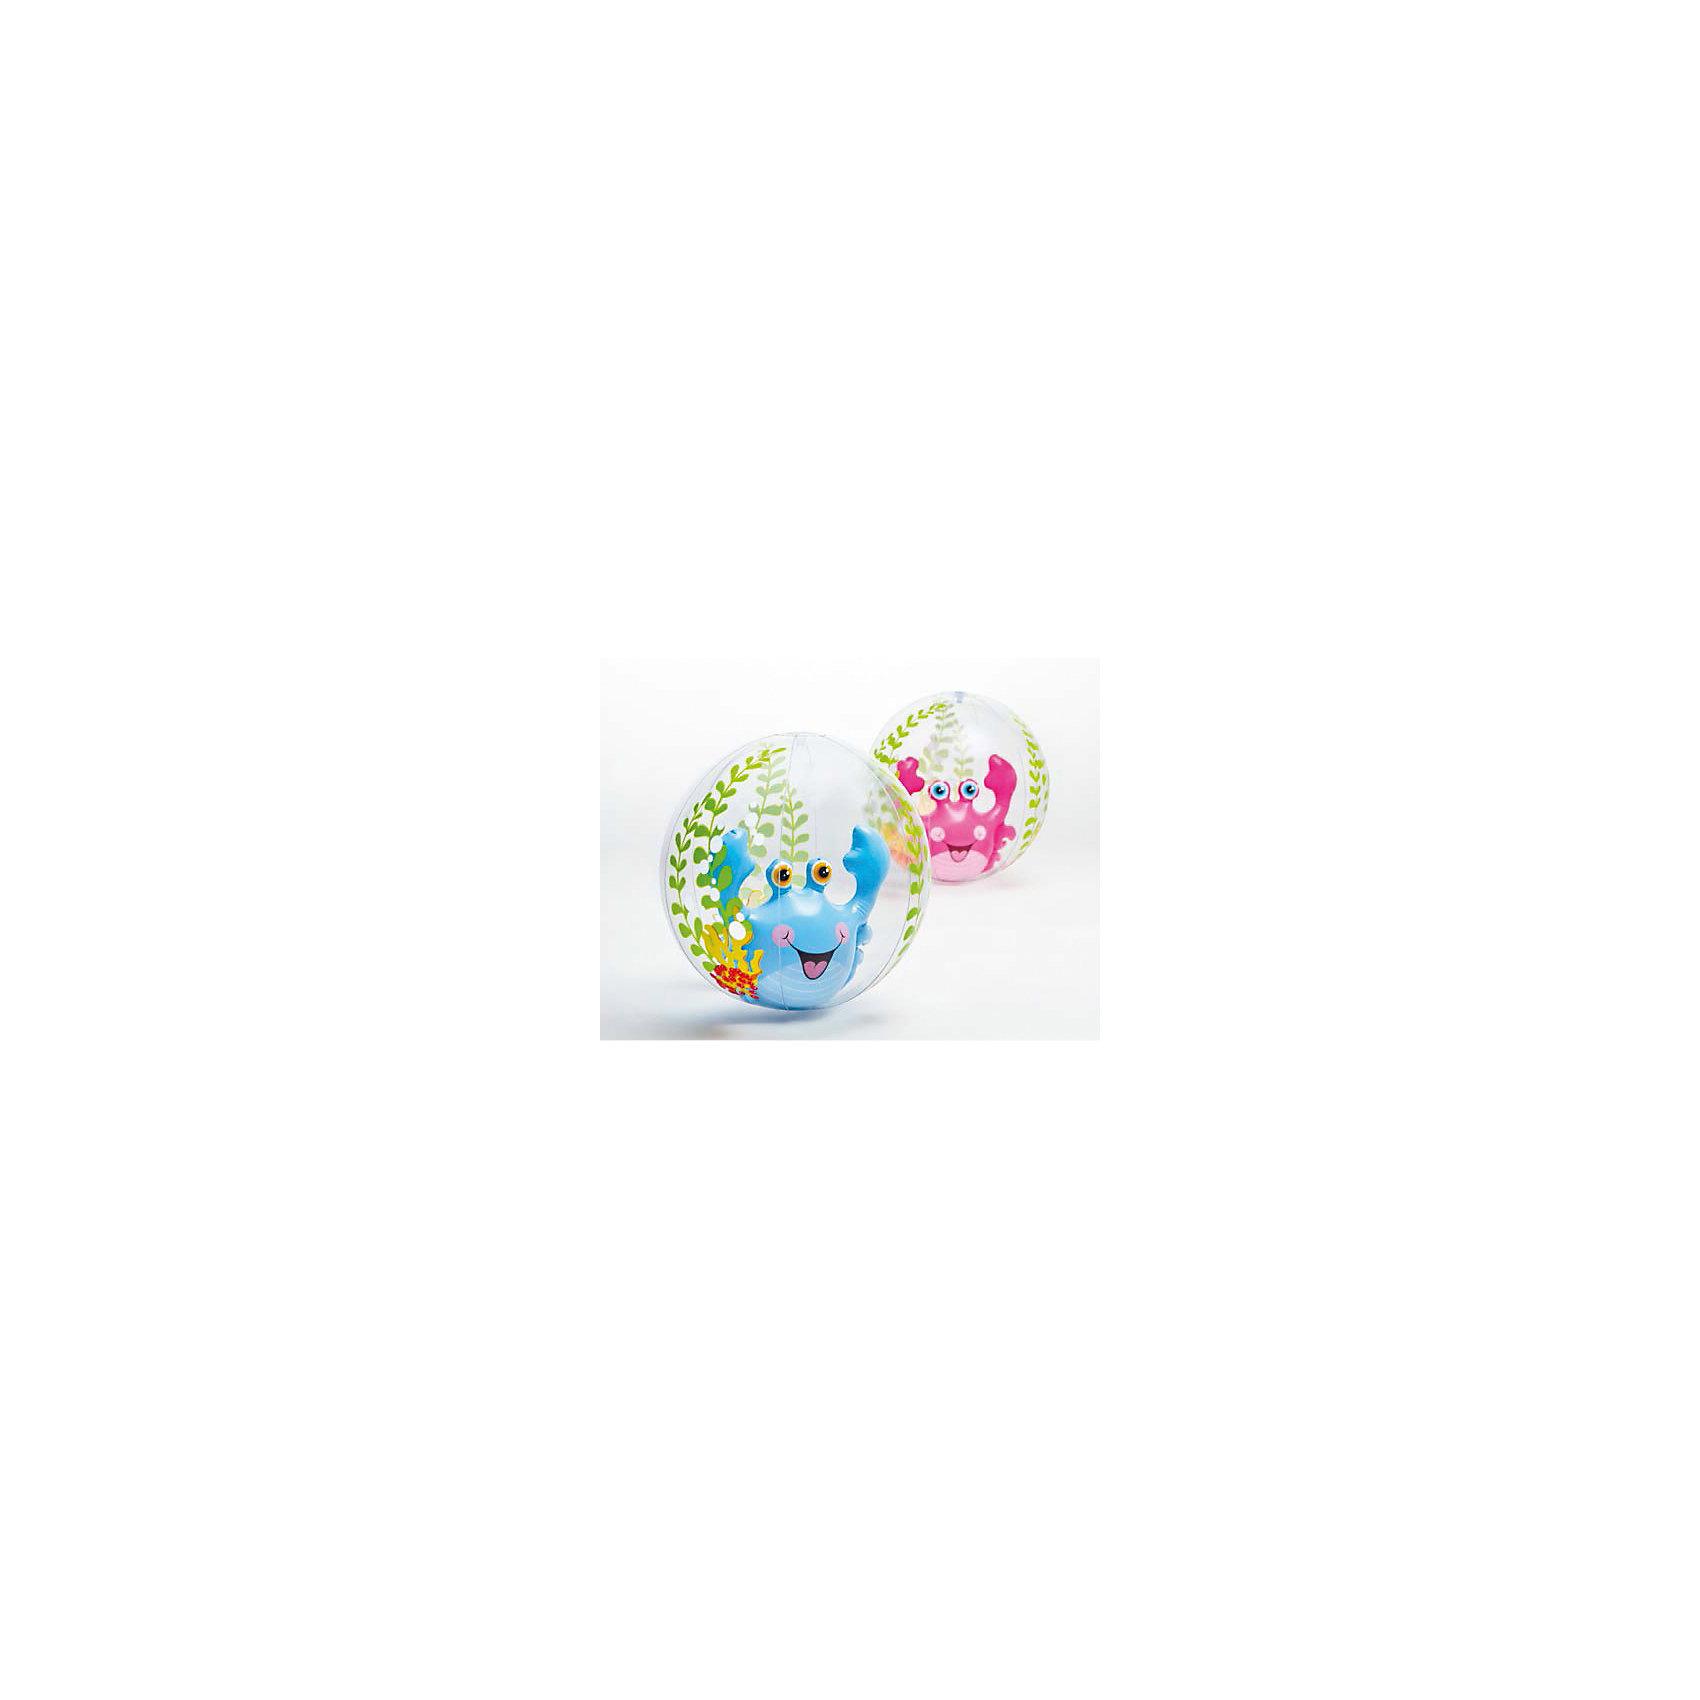 Надувной мяч полупрозрачный (с надувн.рыб.внутри), 61см, IntexМячи детские<br>Надувной мяч полупрозрачный (с надувн.рыб.внутри), 61см, Intex (Интекс).<br><br>Характеристика:<br><br>• Материал: ПВХ. <br>• Диаметр: 61 см. <br>• Размер упаковки: 13 х 19 х 3 см. <br>• Толщина покрытия: 0,25 мм. <br>• Яркий привлекательный дизайн. <br>• Для детей от 3 лет.<br><br>Яркий надувной мяч с очаровательной рыбкой внутри приведет в восторг вашего юного непоседу. Мяч подходит для игр в воде, изготовлен из высококачественных прочных материалов безопасных для детей.<br><br>Надувной мяч полупрозрачный (с надувн.рыб.внутри), 61см, Intex (Интекс), можно купить в нашем интернет-магазине.<br><br>Ширина мм: 165<br>Глубина мм: 126<br>Высота мм: 38<br>Вес г: 216<br>Возраст от месяцев: 36<br>Возраст до месяцев: 192<br>Пол: Унисекс<br>Возраст: Детский<br>SKU: 5501941